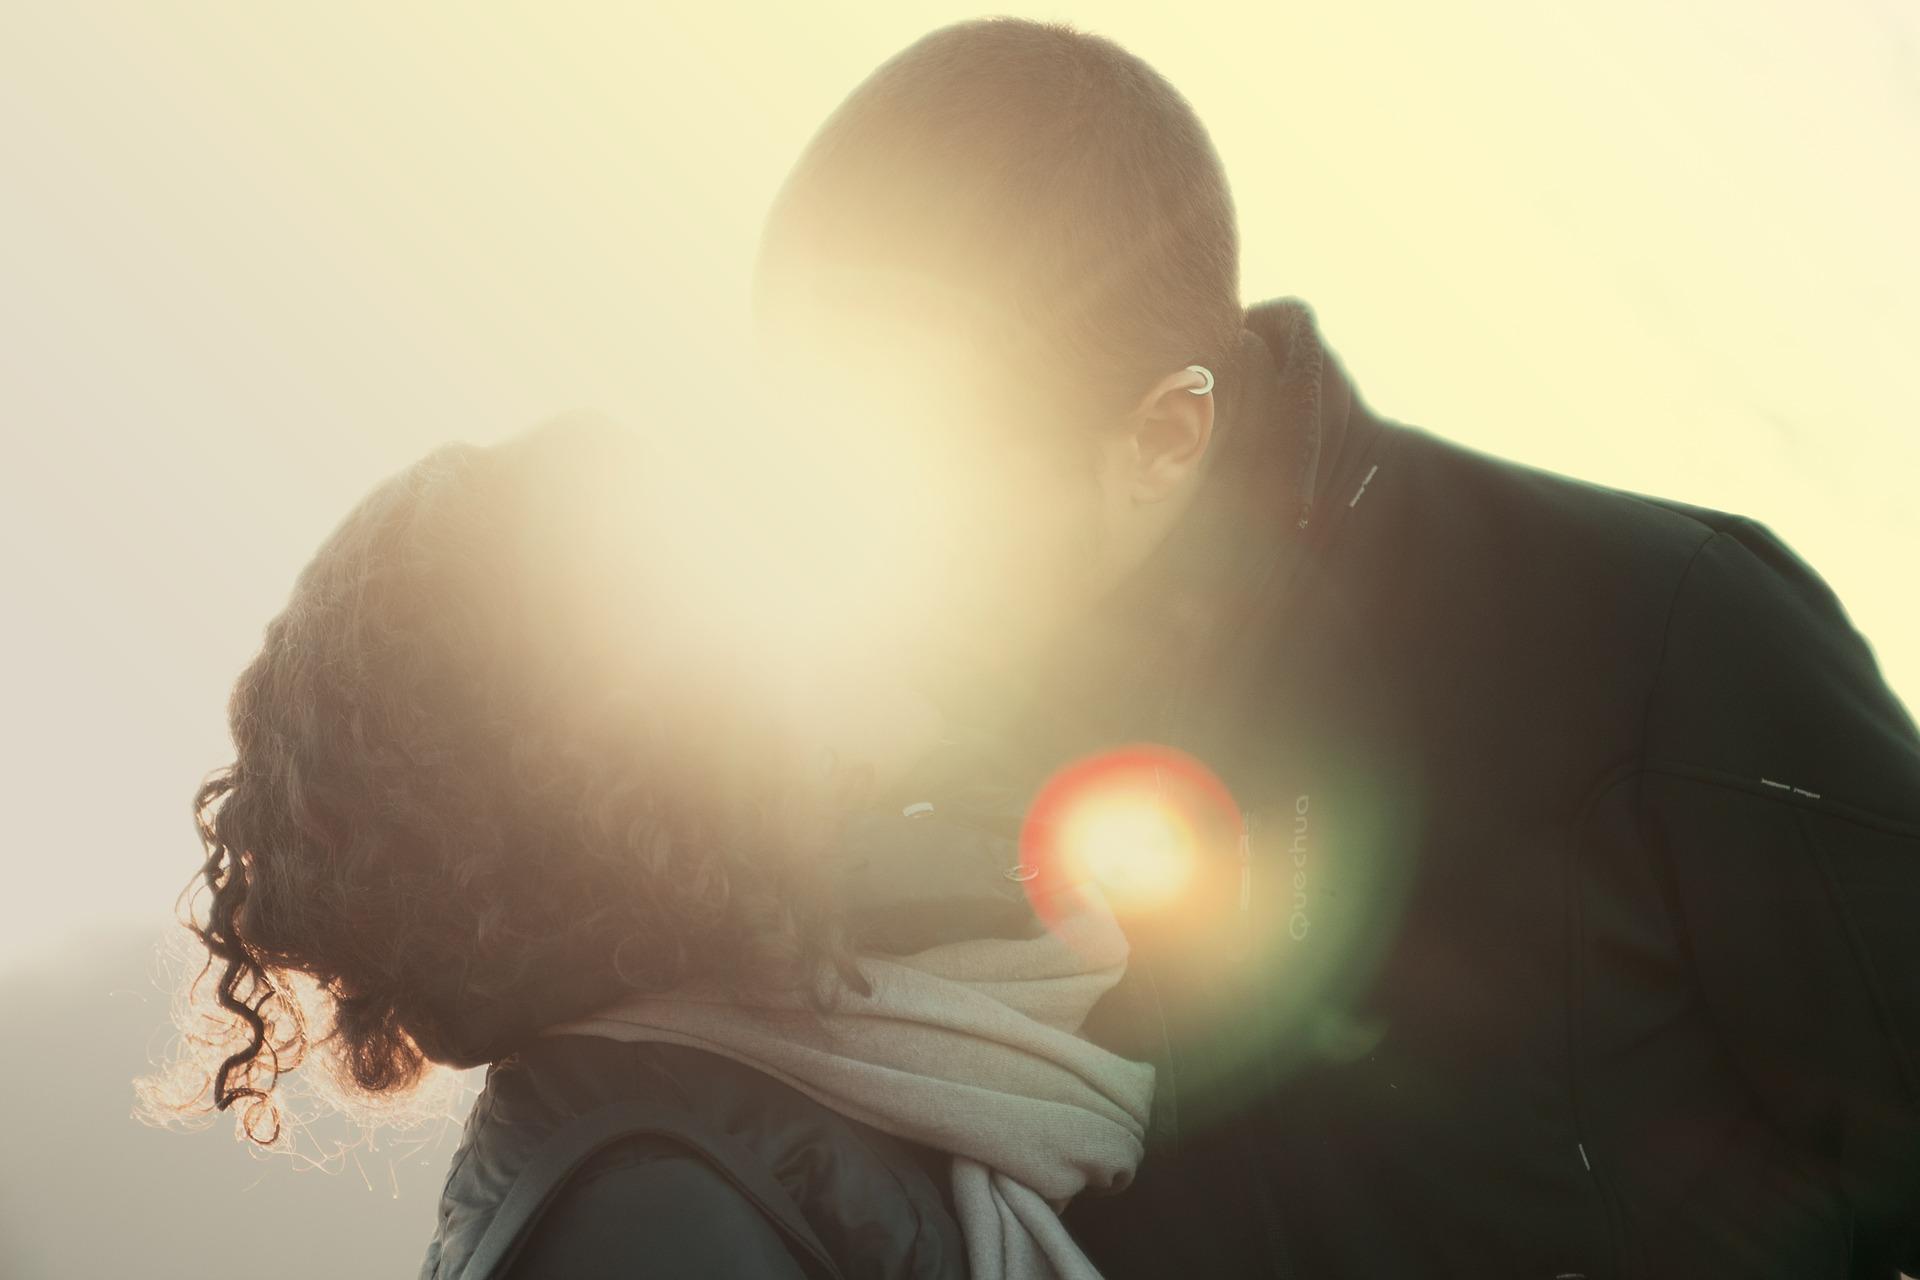 既婚者同士の心の繋がりを感じたい!既婚男性が既婚女性に不倫で本気になった時の行動や態度やLINEを大公開